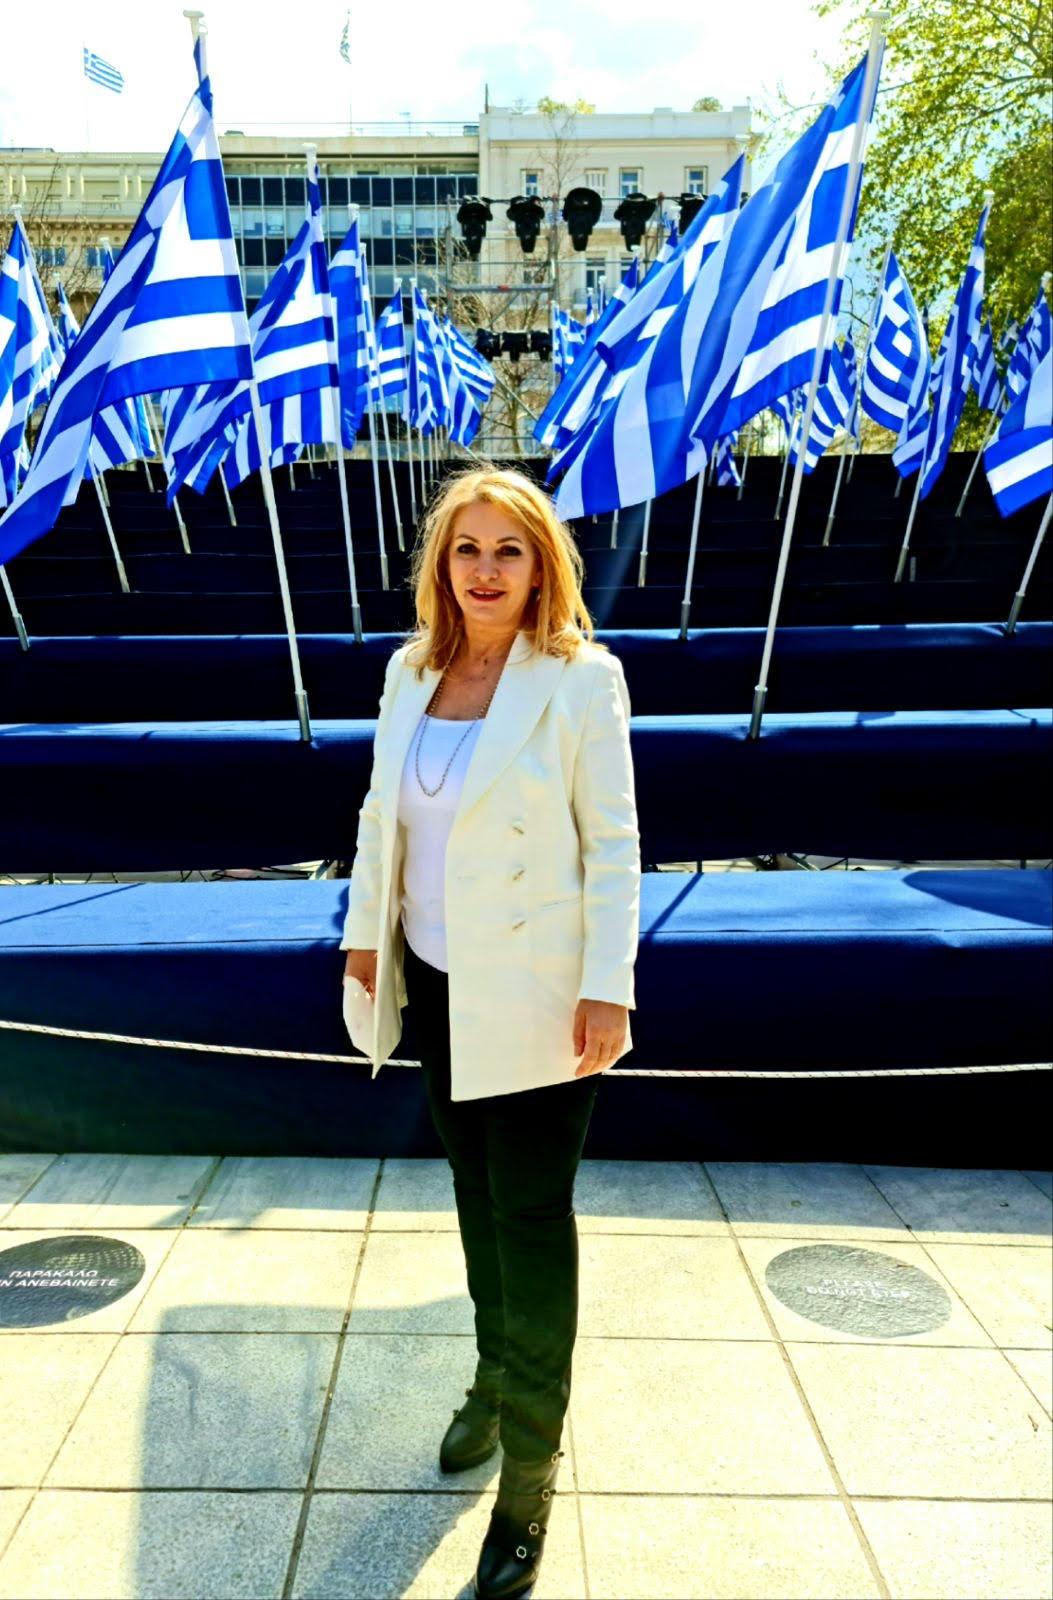 Άννα Μάνη - Παπαδημητρίου: Μήνυμα της Βουλευτού για την Εθνική Επέτειο της 28ης Οκτωβρίου